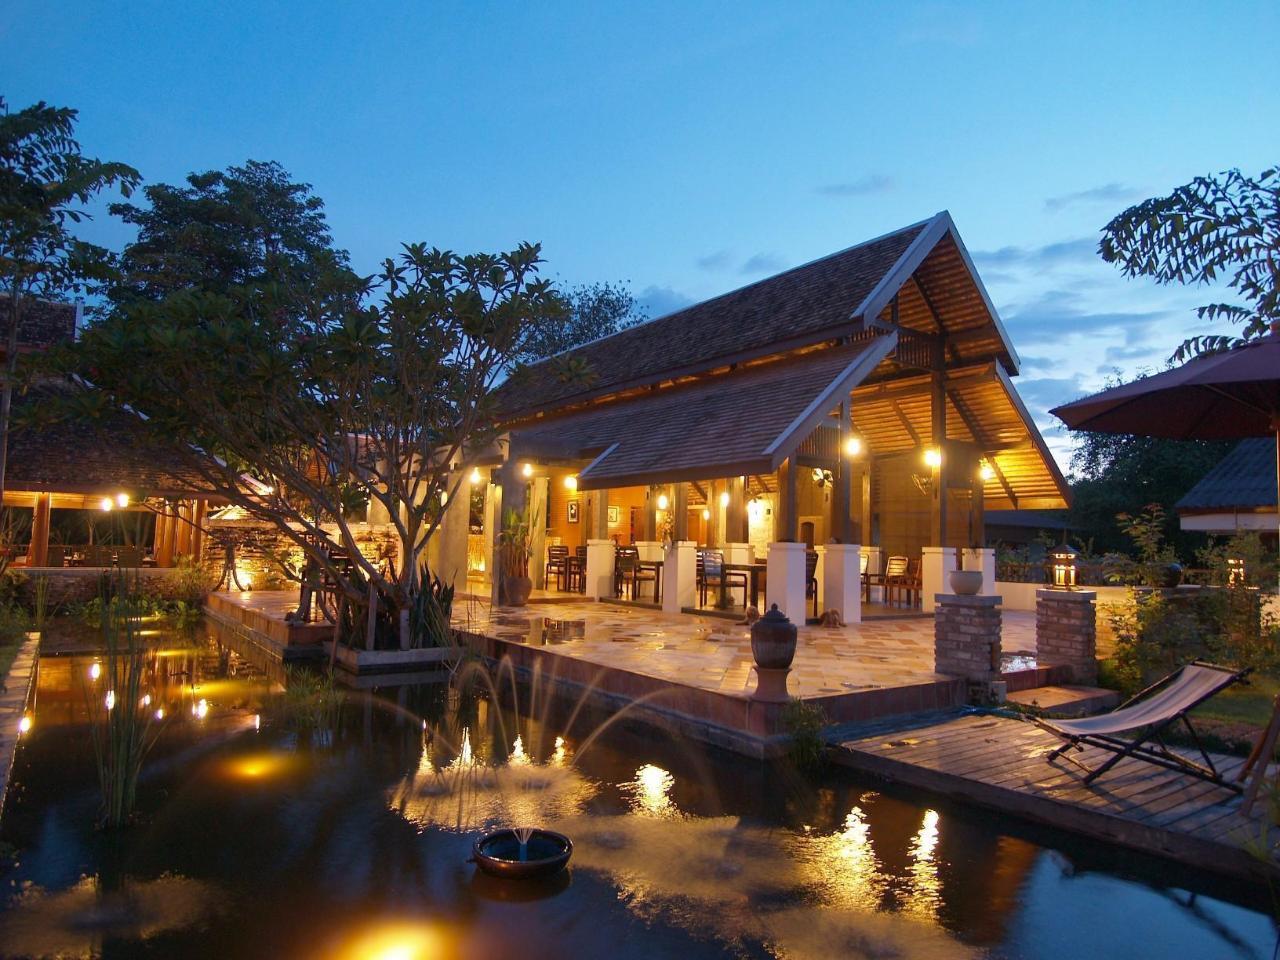 บ้านฟ้าดาว แฟมิลี่ รีสอร์ท (Baan Fadow Family Resort)